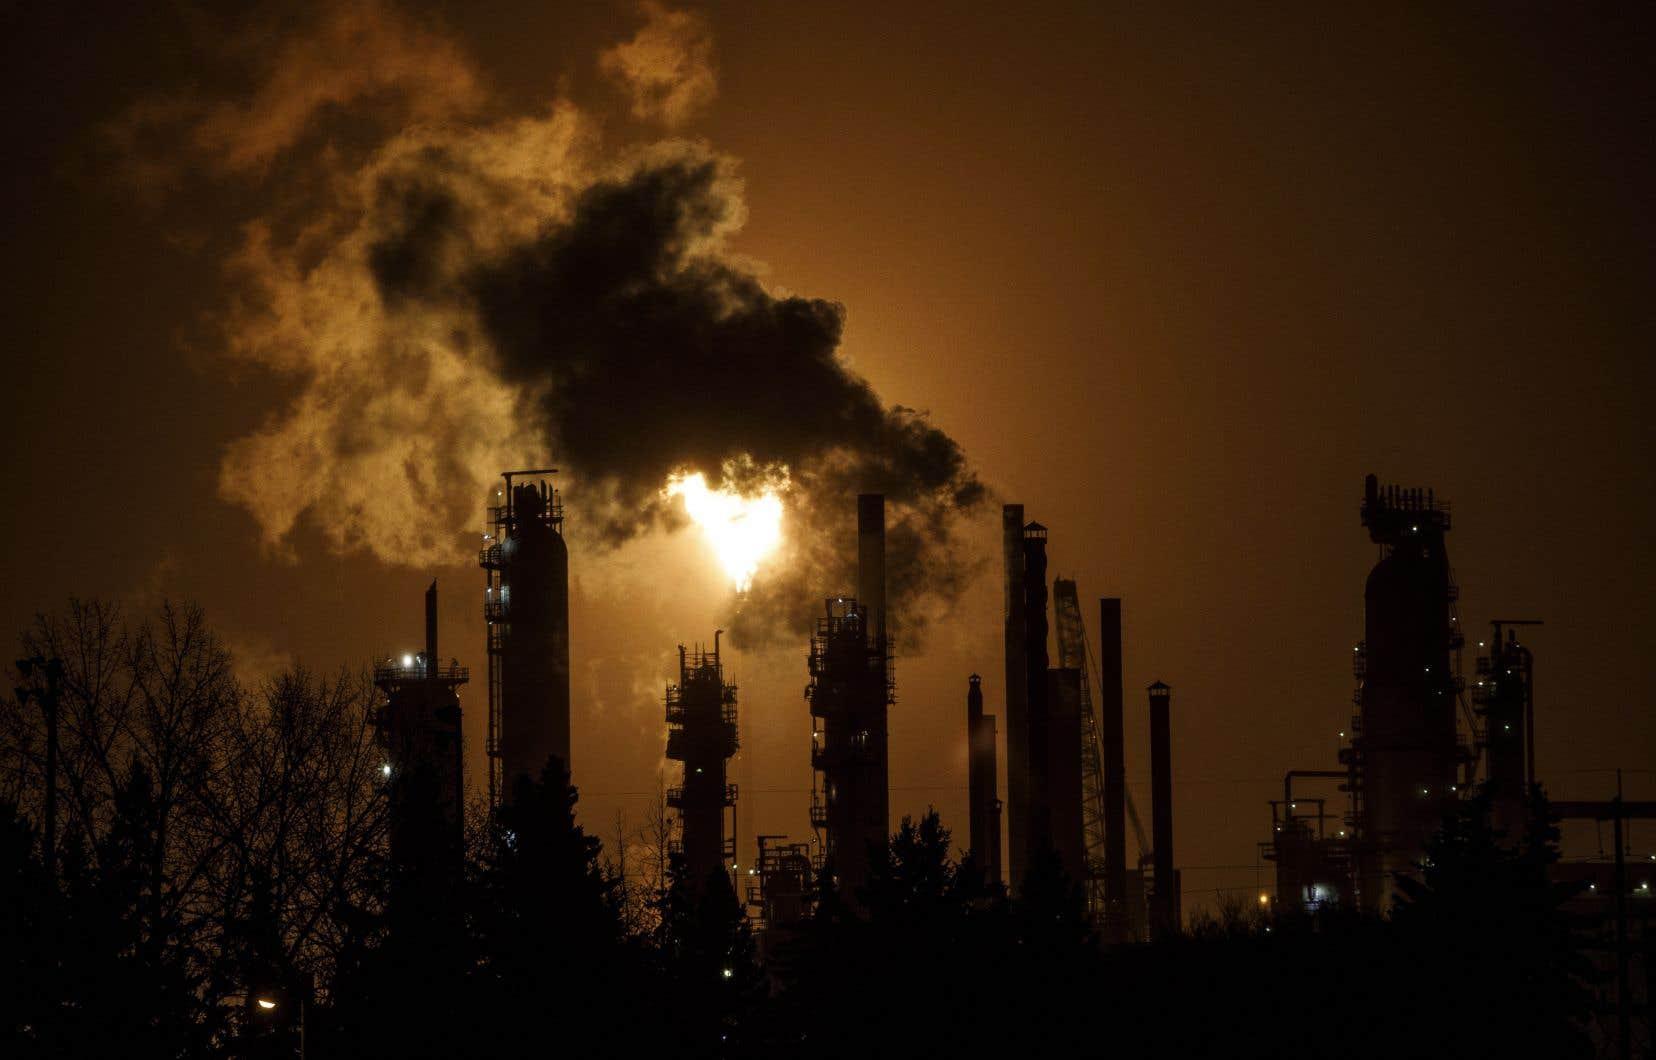 Le gouvernement fédéral a promis que 90% des sommes qu'il récoltera avec sa taxe sur le carbone seront retournées aux ménages sous forme de retour d'impôt.